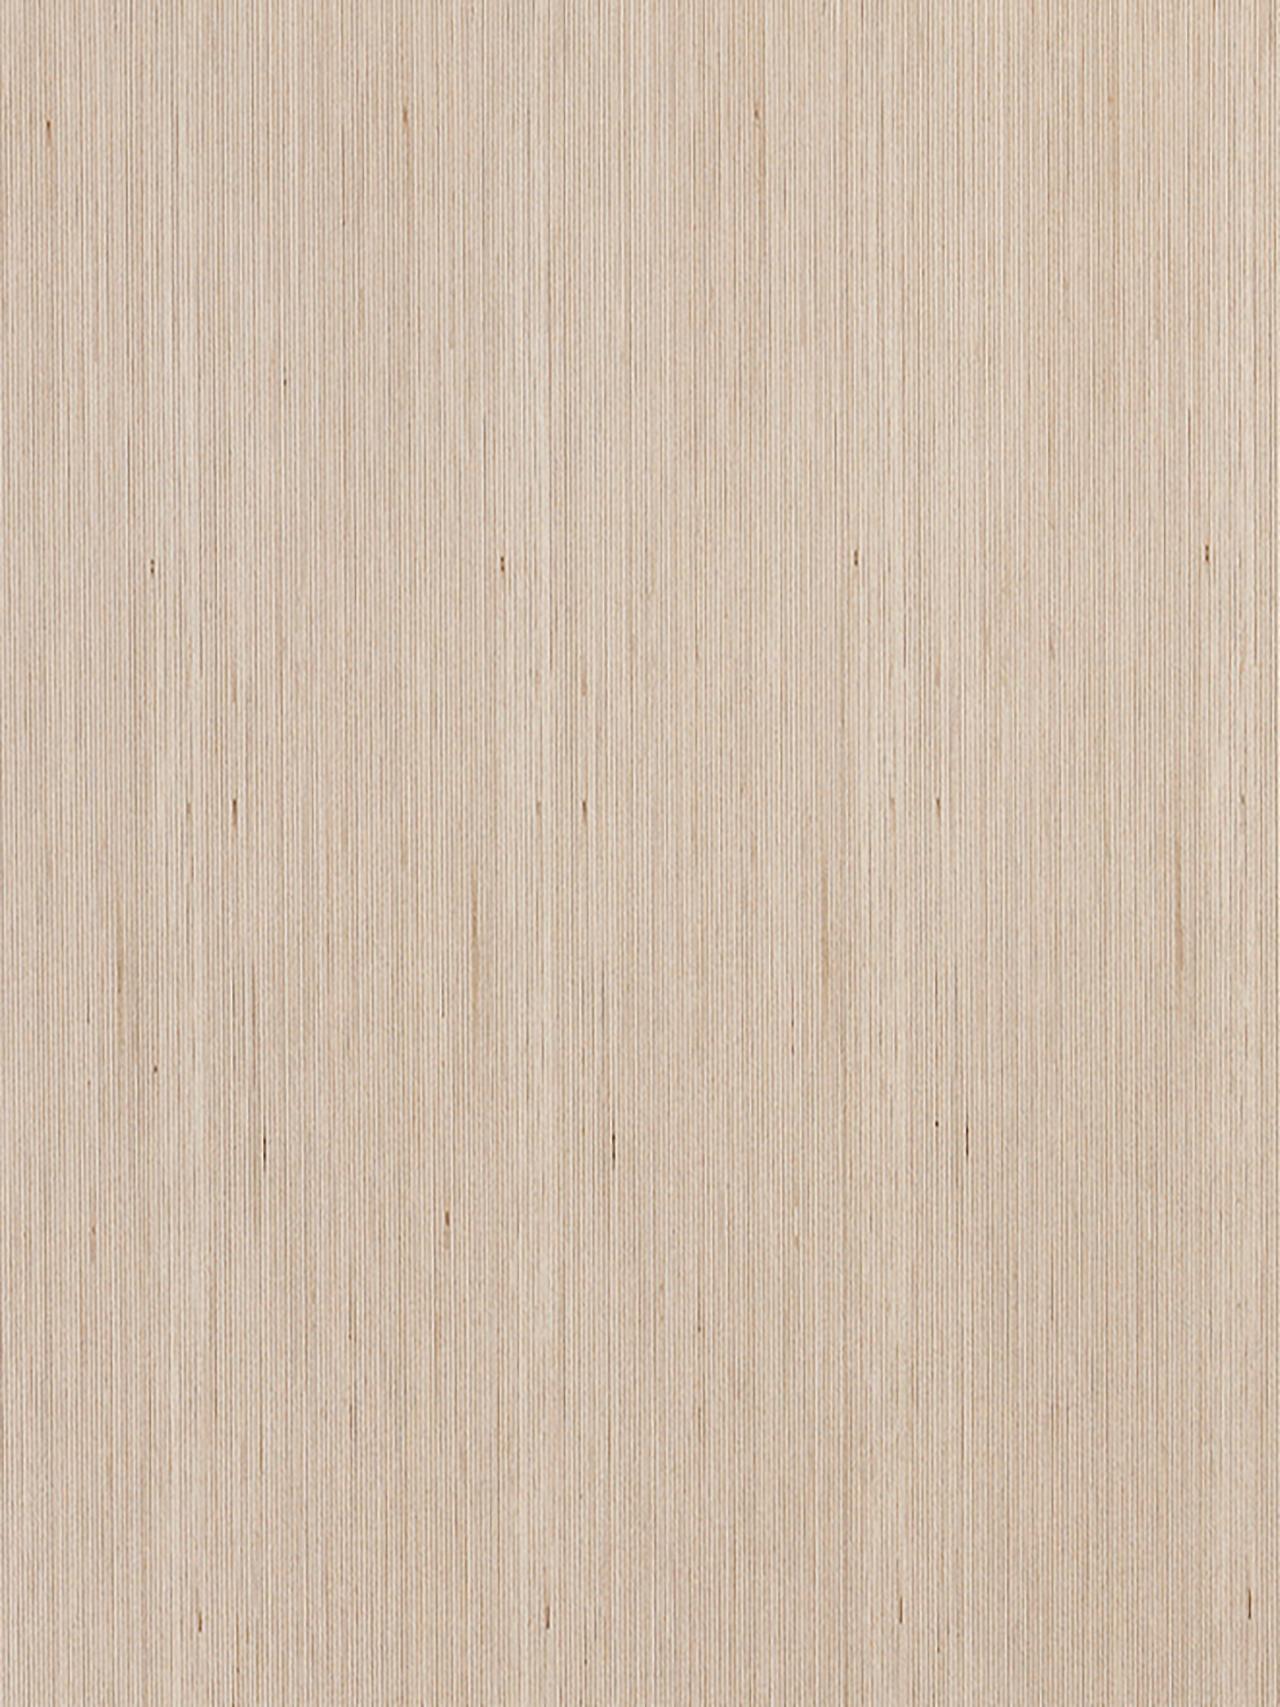 Birch Ply